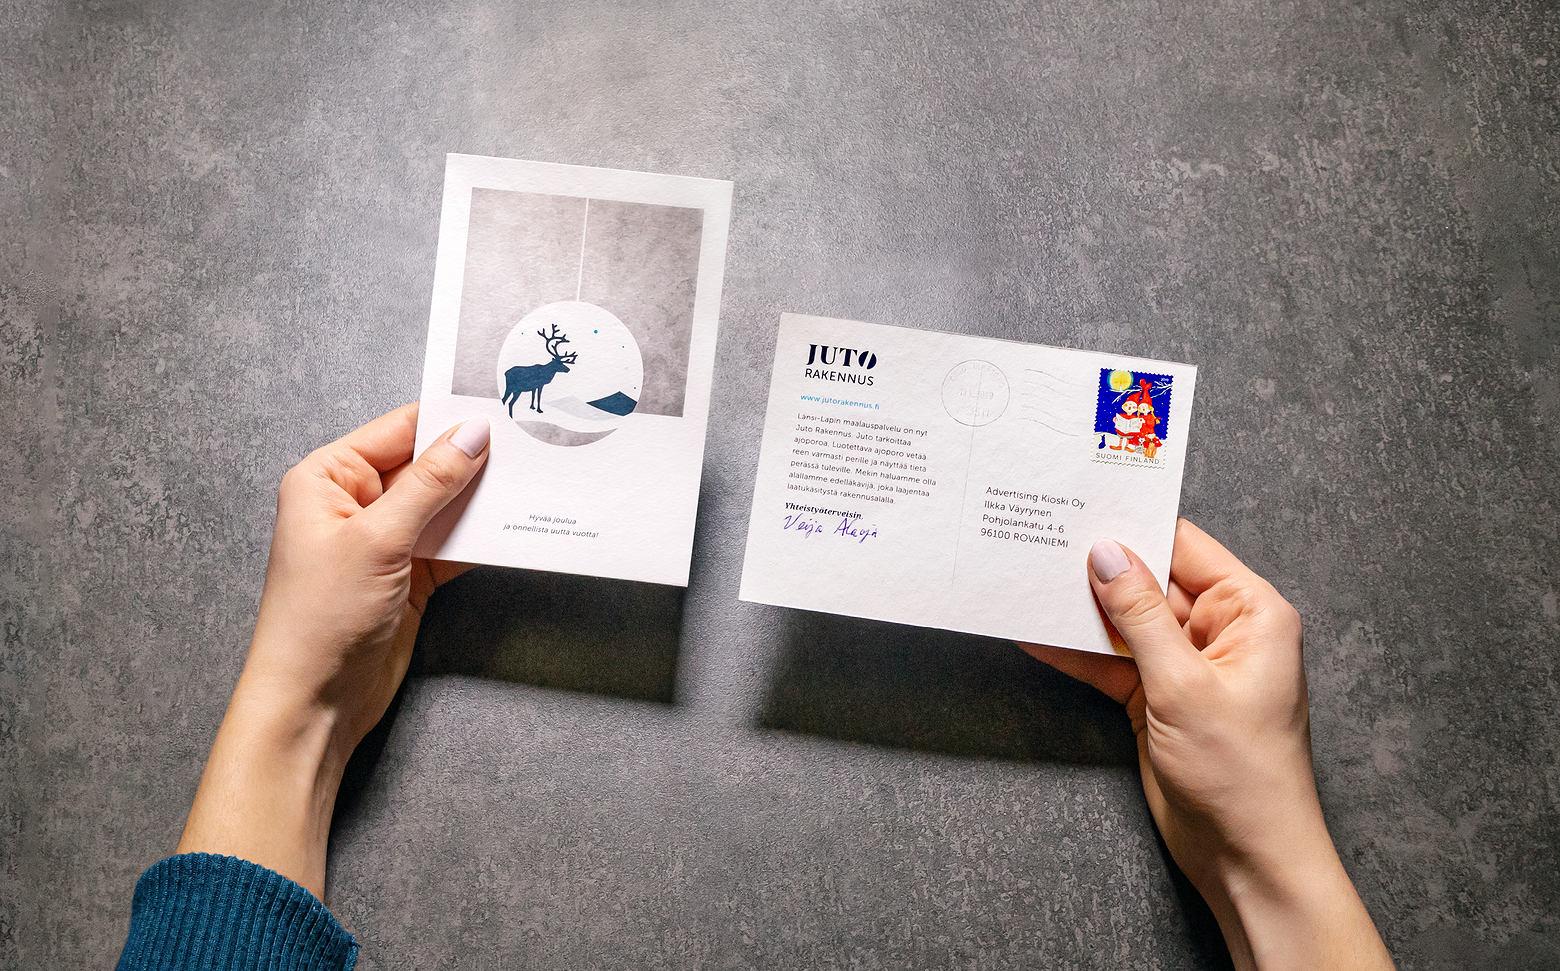 Brändiuudistuksen myötä suunniteltiin tiedottamisen tueksi kortit.